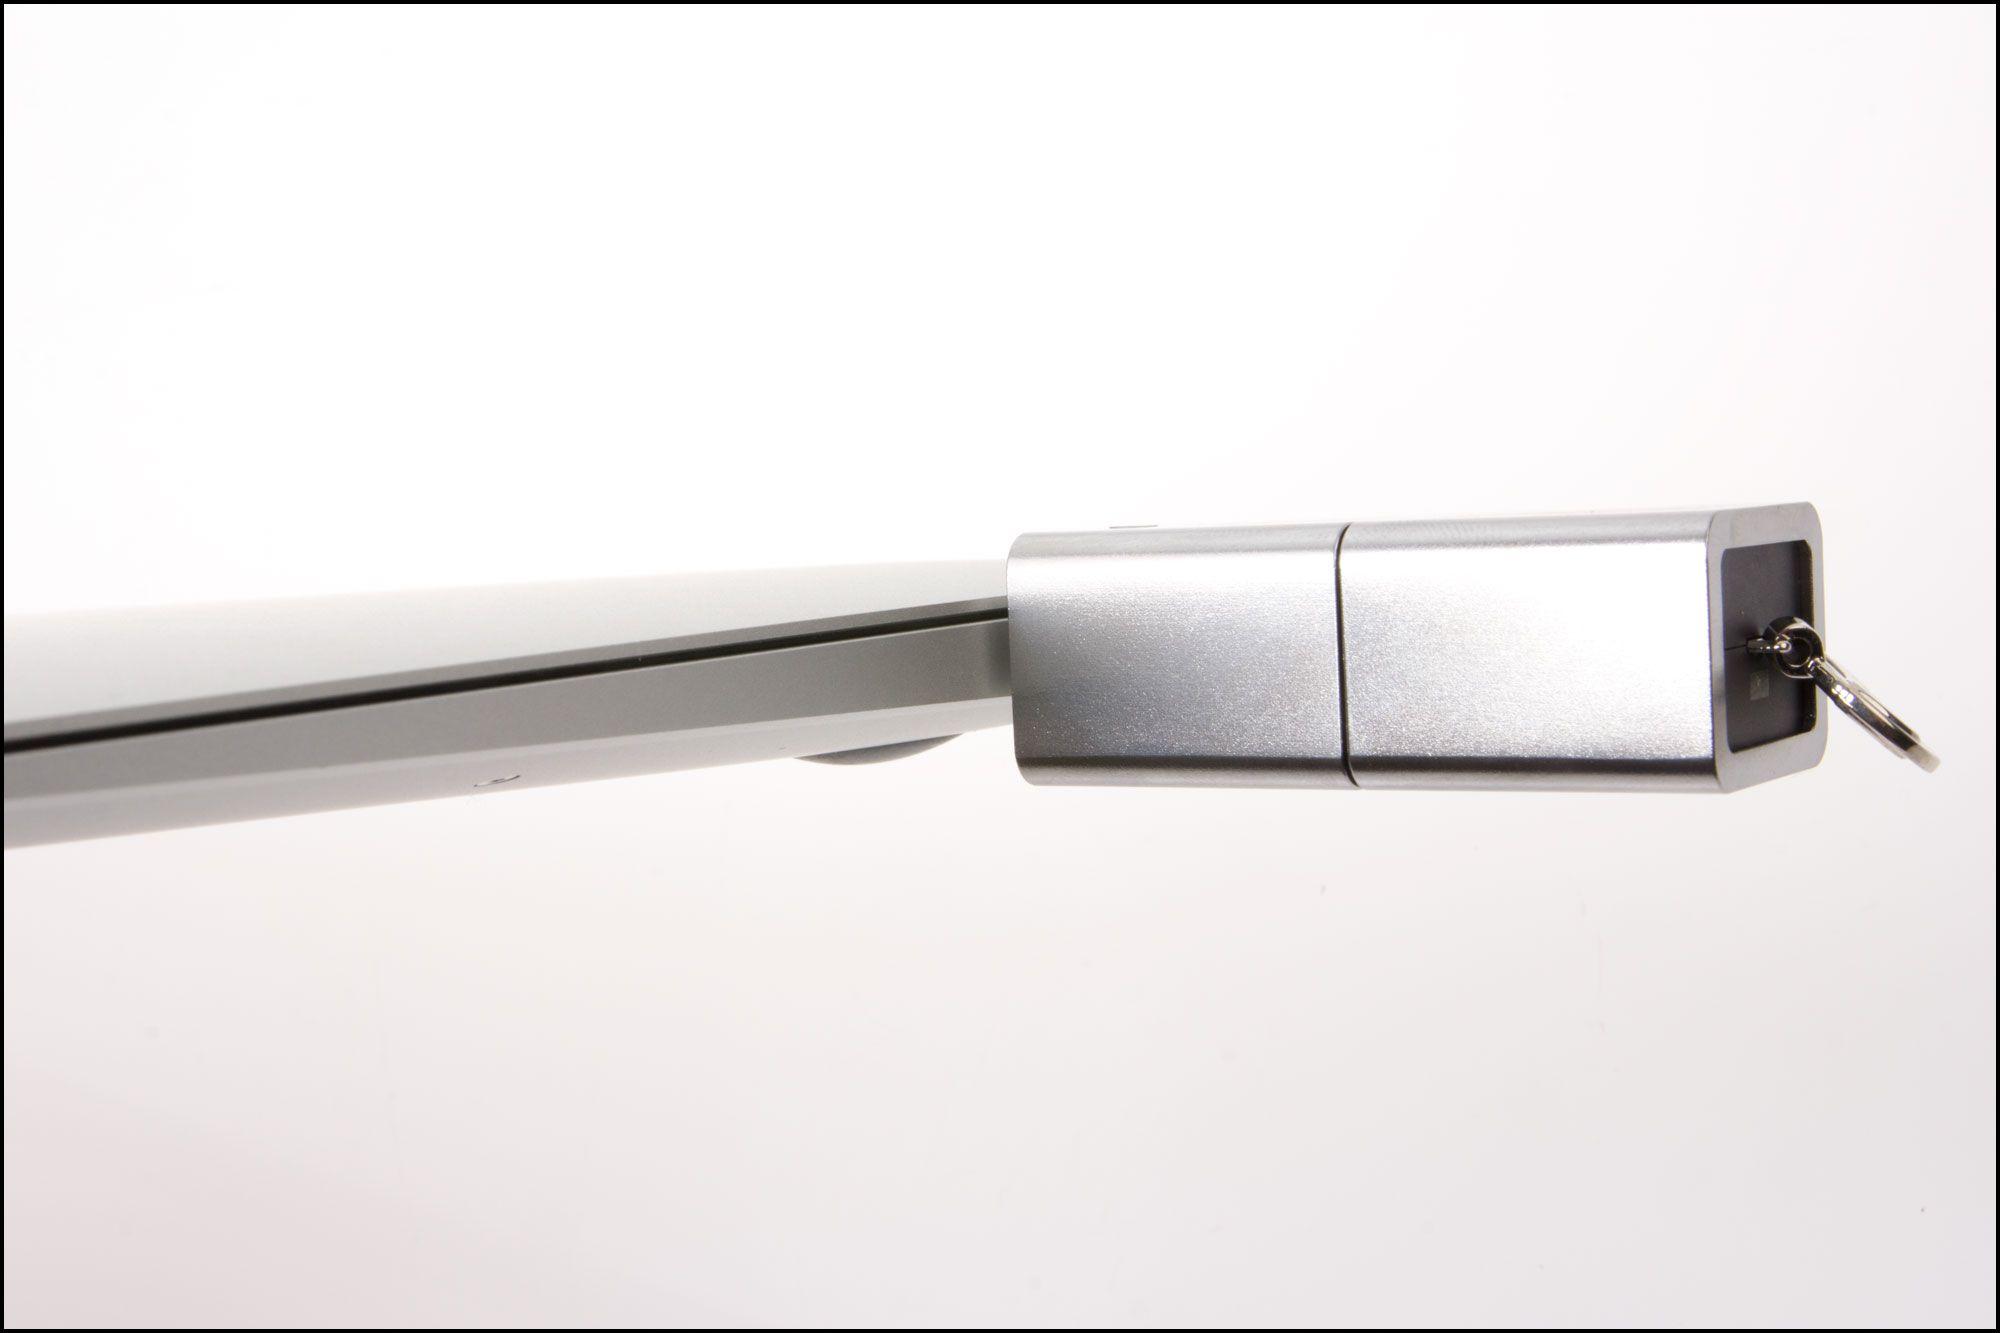 Minnepinnen satt i en Macbook Air.Foto: Jørgen Elton Nilsen, Hardware.no